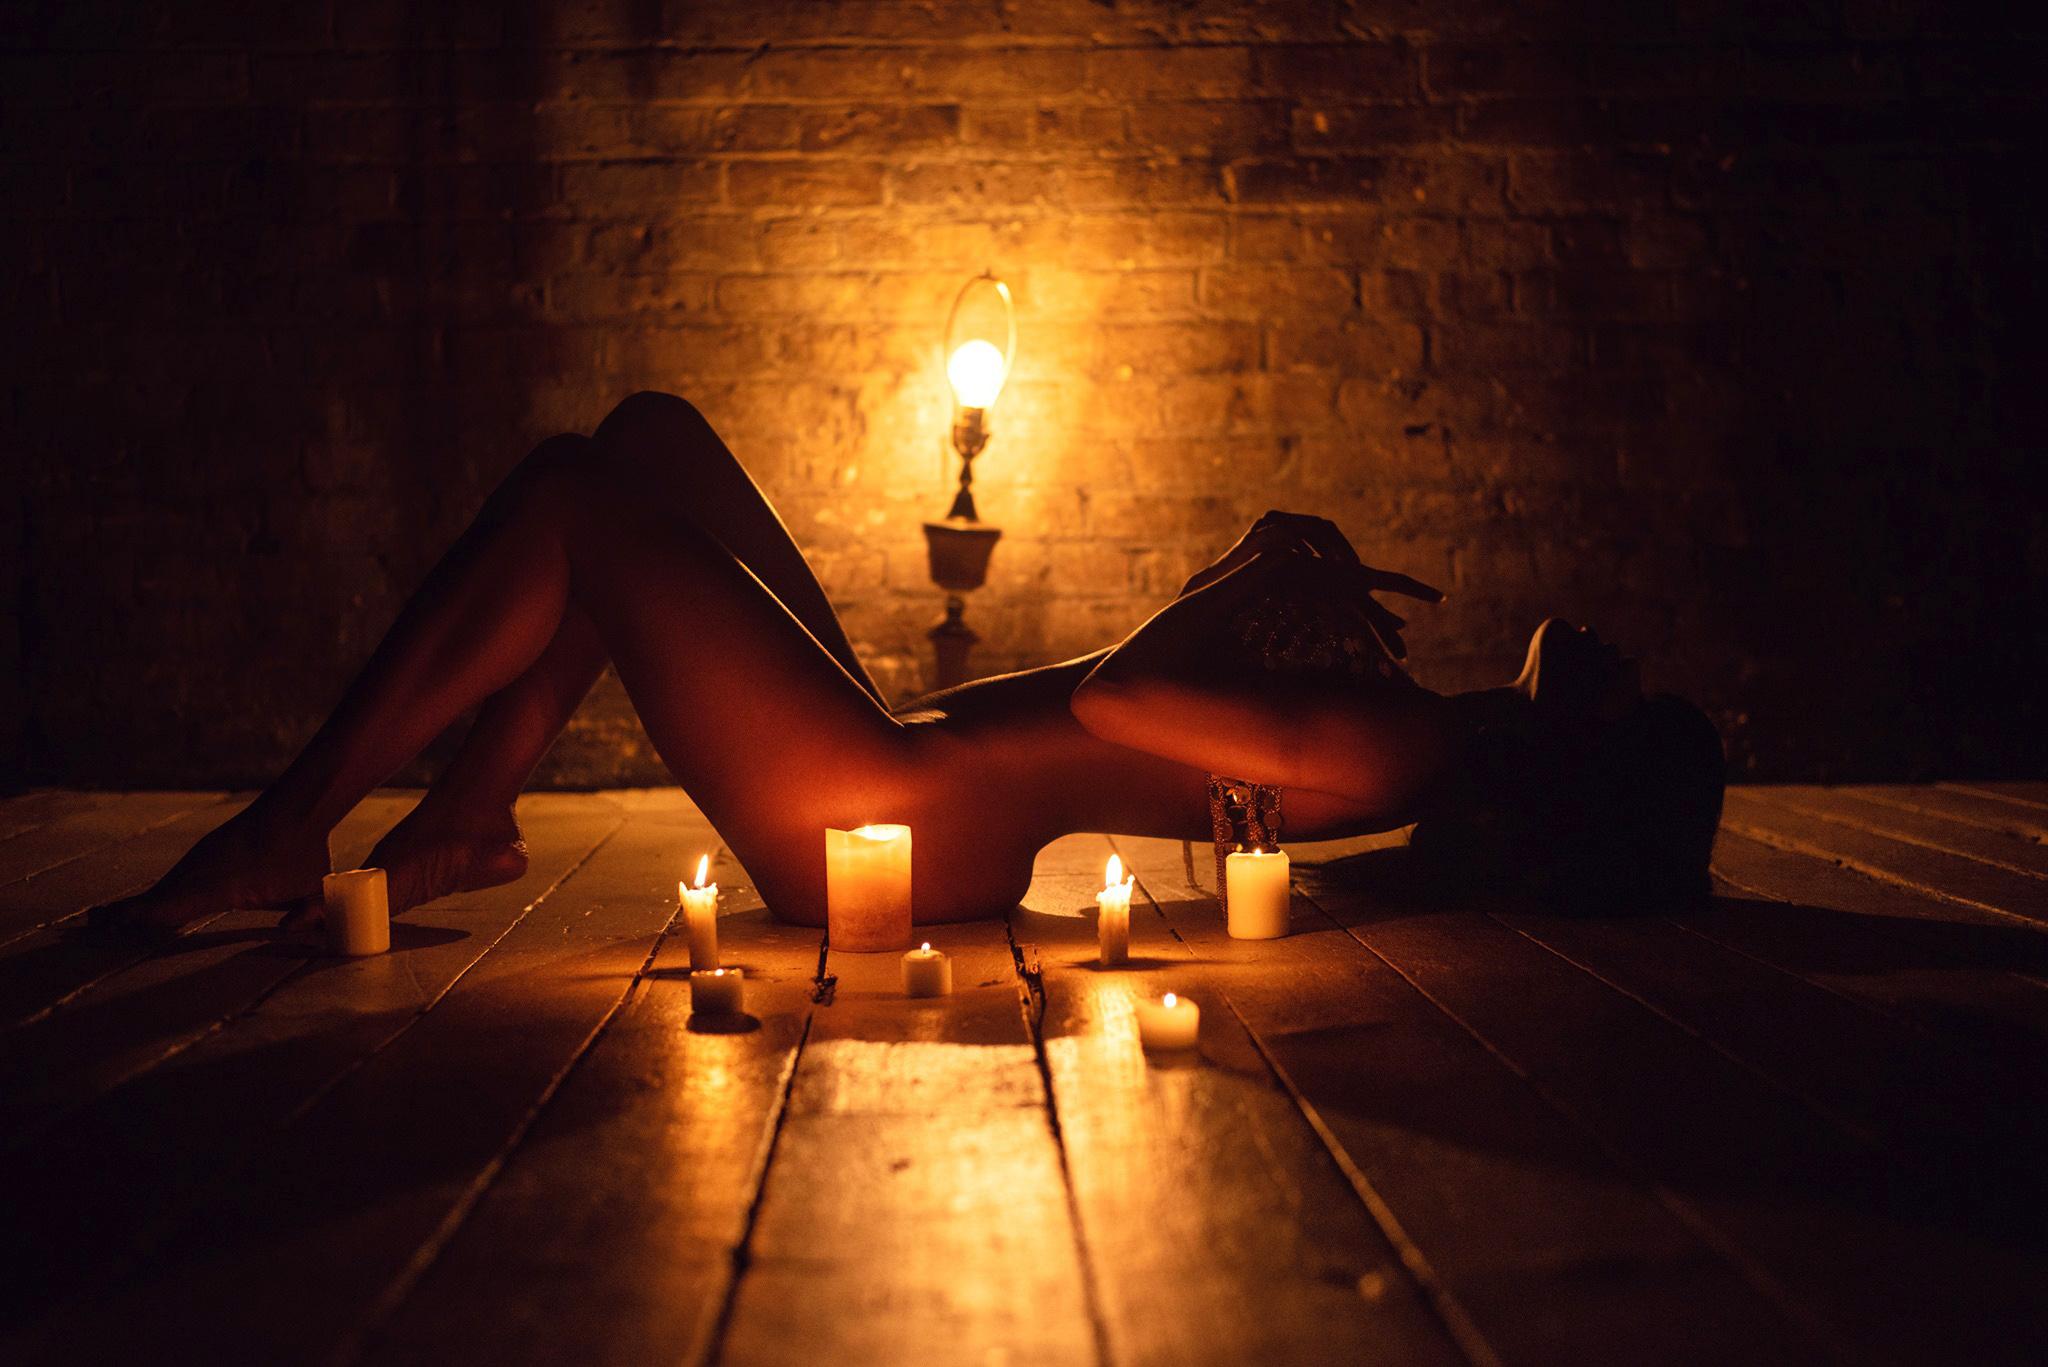 شمع  بازی در رابطه ارباب و برده